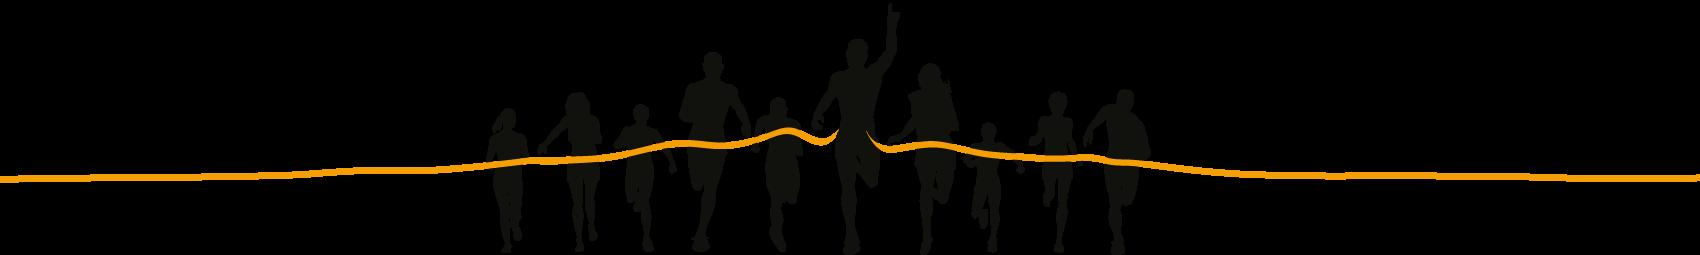 Goldline runners